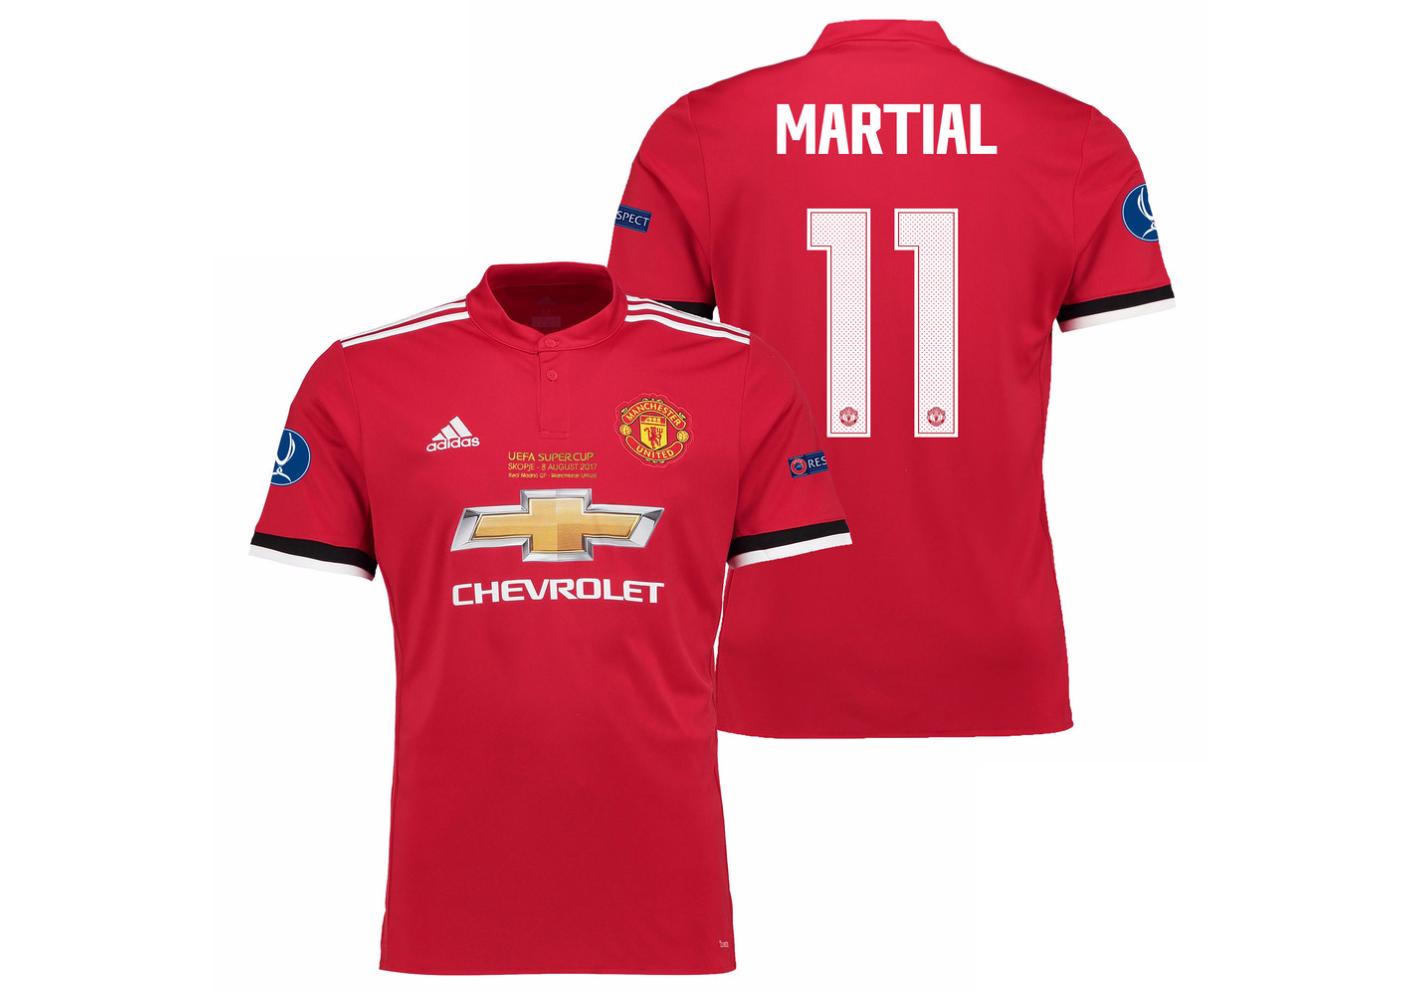 เสื้อแมนเชสเตอร์ ยูไนเต็ด 2017 2018 ทีมเหย้า UEFA Super Cup 2017 รอบสุดท้าย Martial 11 ของแท้